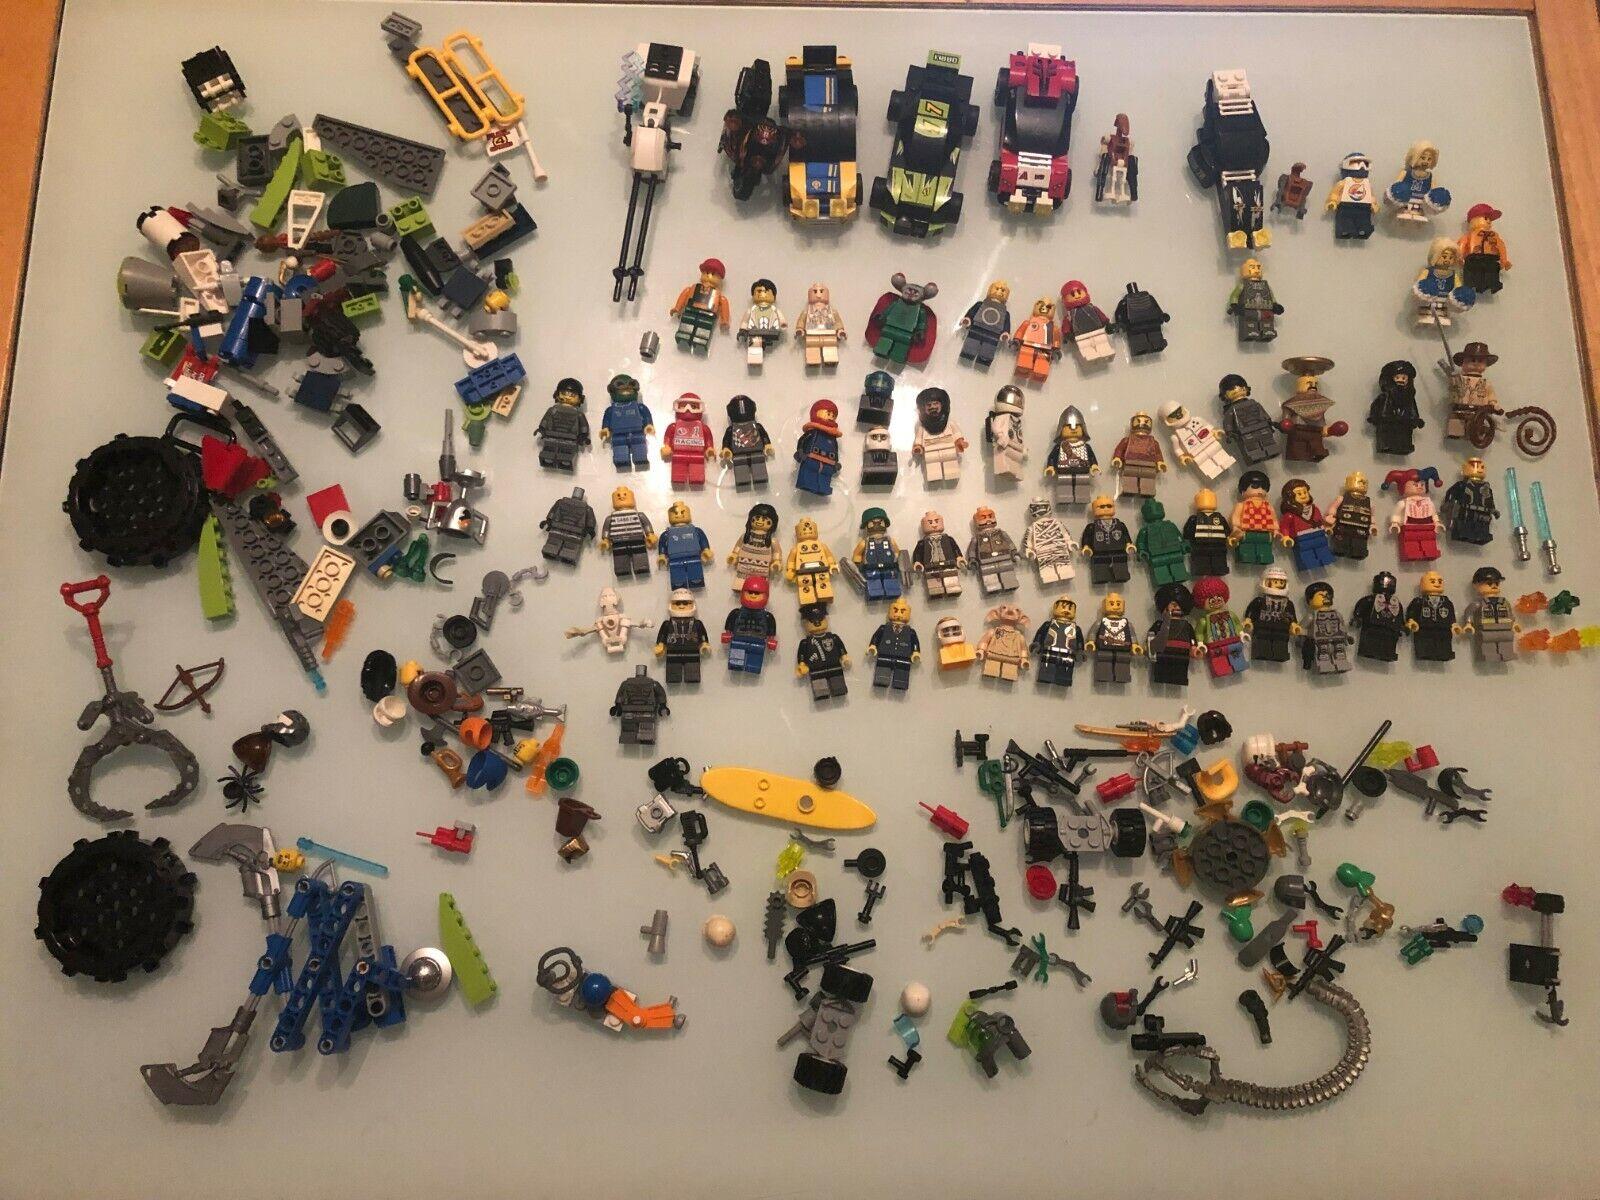 Genuine LEGO MINIcifraS OMINI Accessori Auto Parts Pezzi di Estrella Guerras 600g